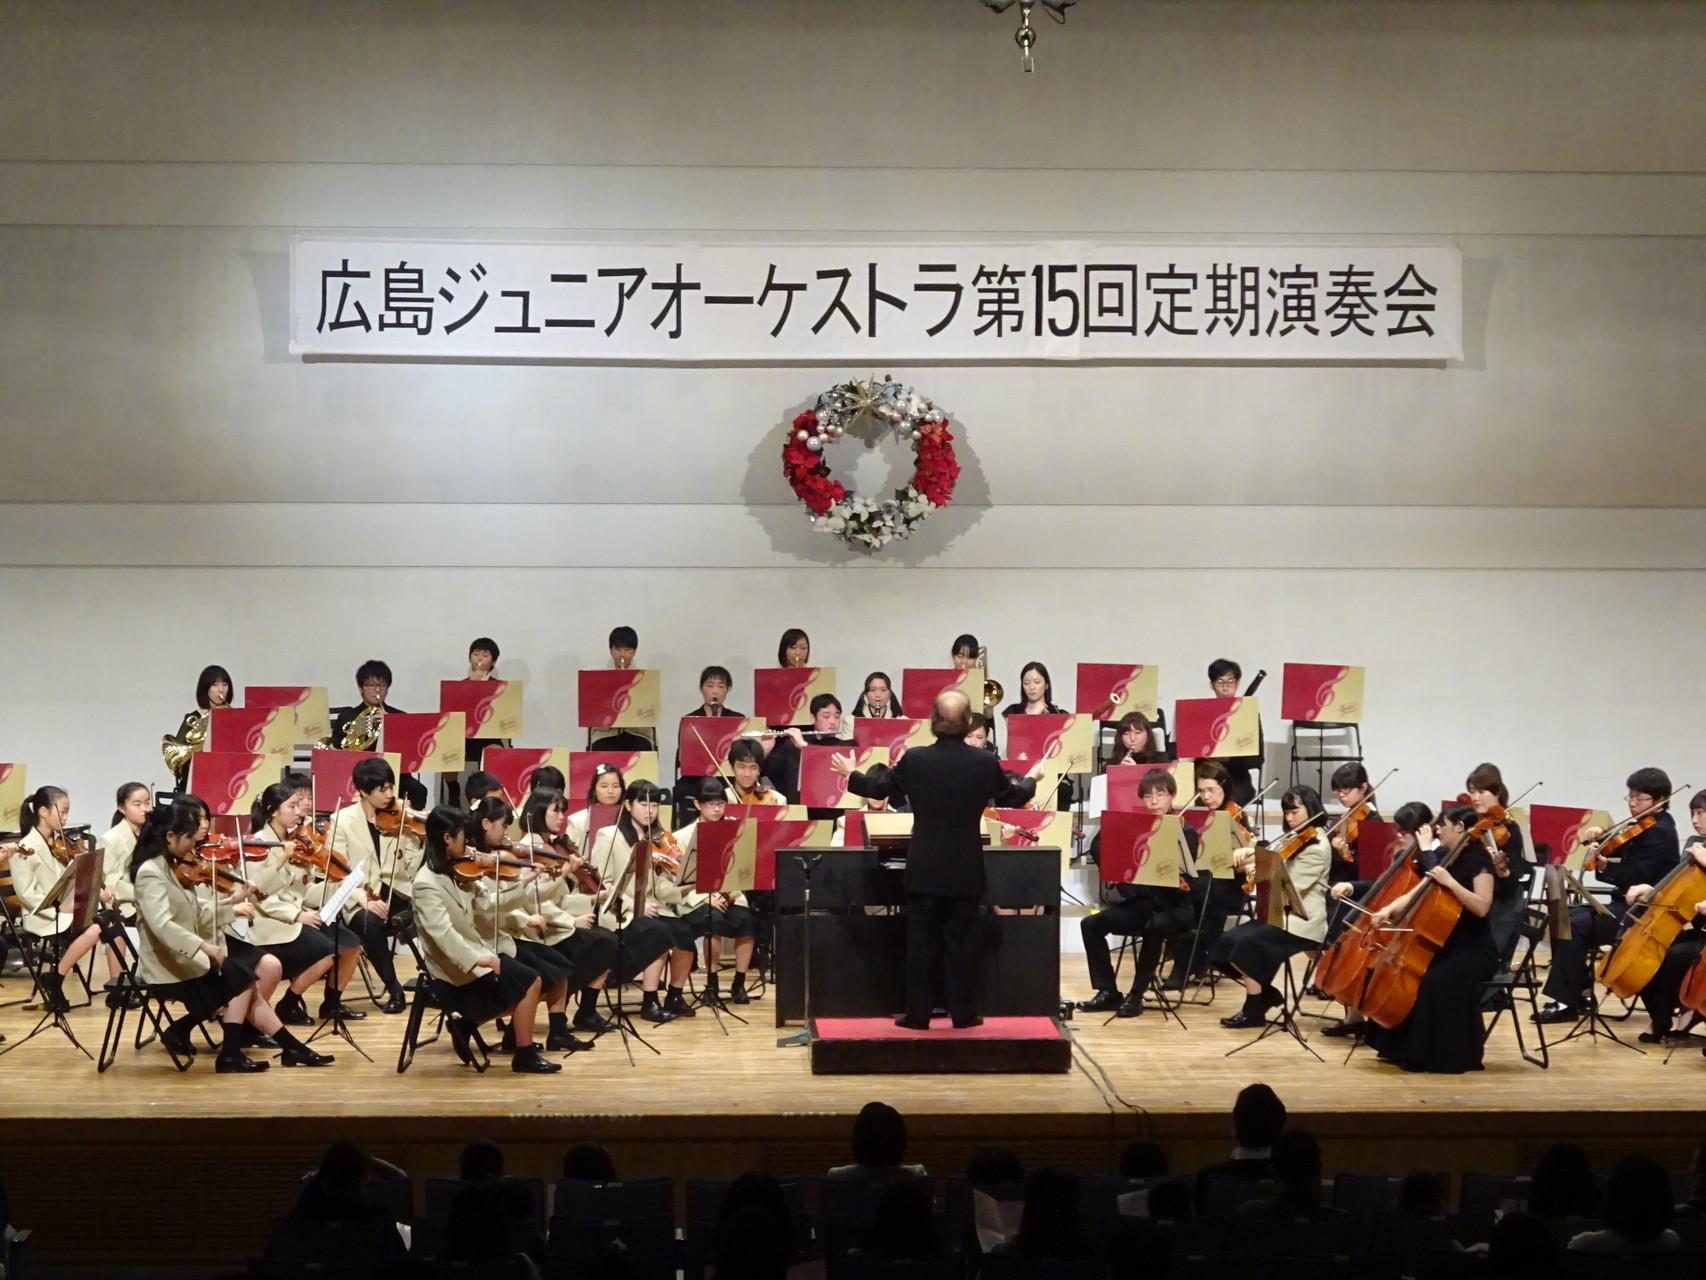 バッハ作曲「主よ、人の望みを喜びを」子ども達には難しい面もあるゆったりした曲、心落ち着けテンポをキープ